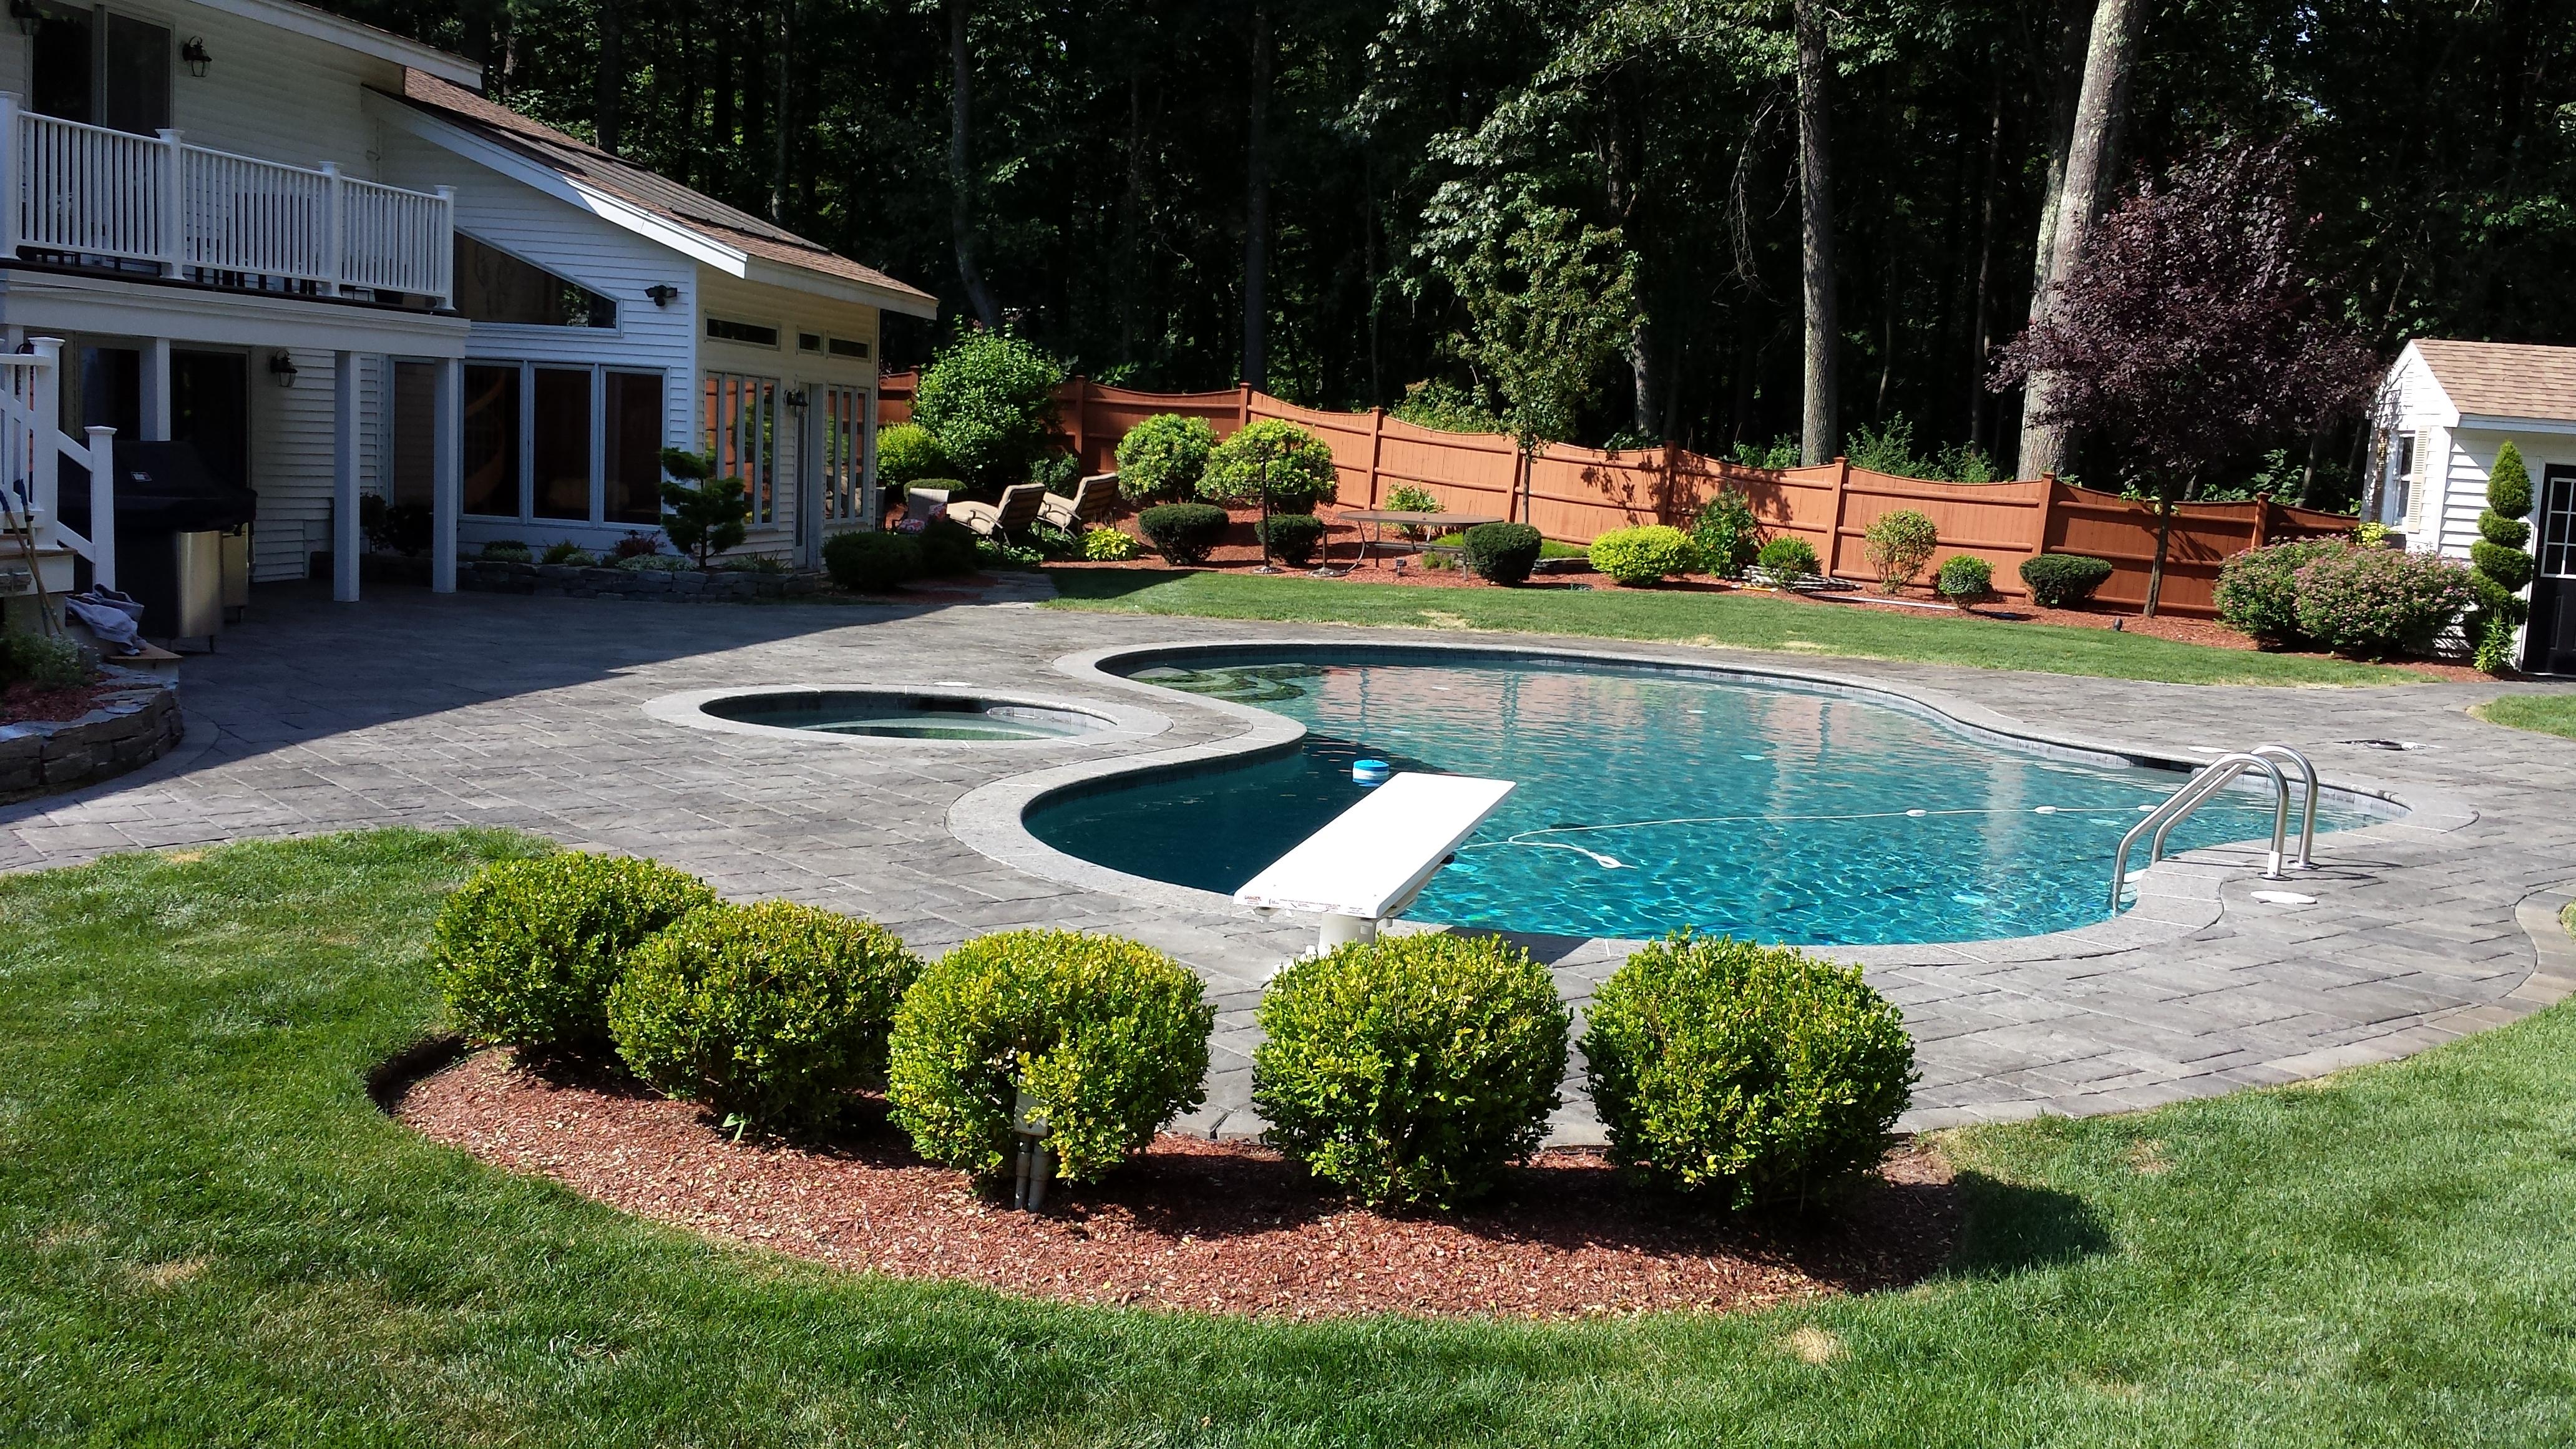 Concord Nh Landscape Company